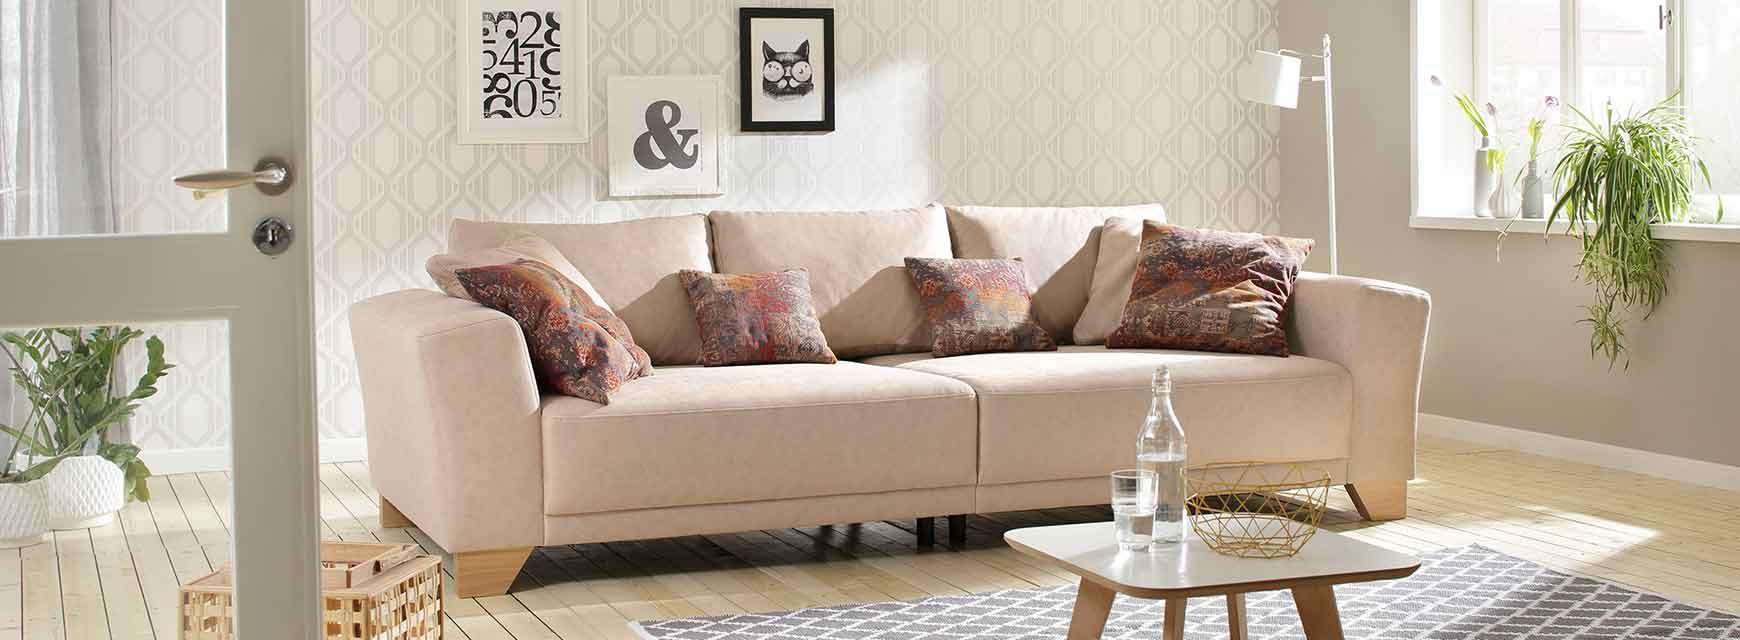 Full Size of Big Sofa Günstig Landhausstil Landhaus Couch Online Kaufen Naturloftde Polster Rattan Garten Mit Relaxfunktion 3 Sitzer Leder Rund U Form Xxl Schlafsofa Sofa Big Sofa Günstig